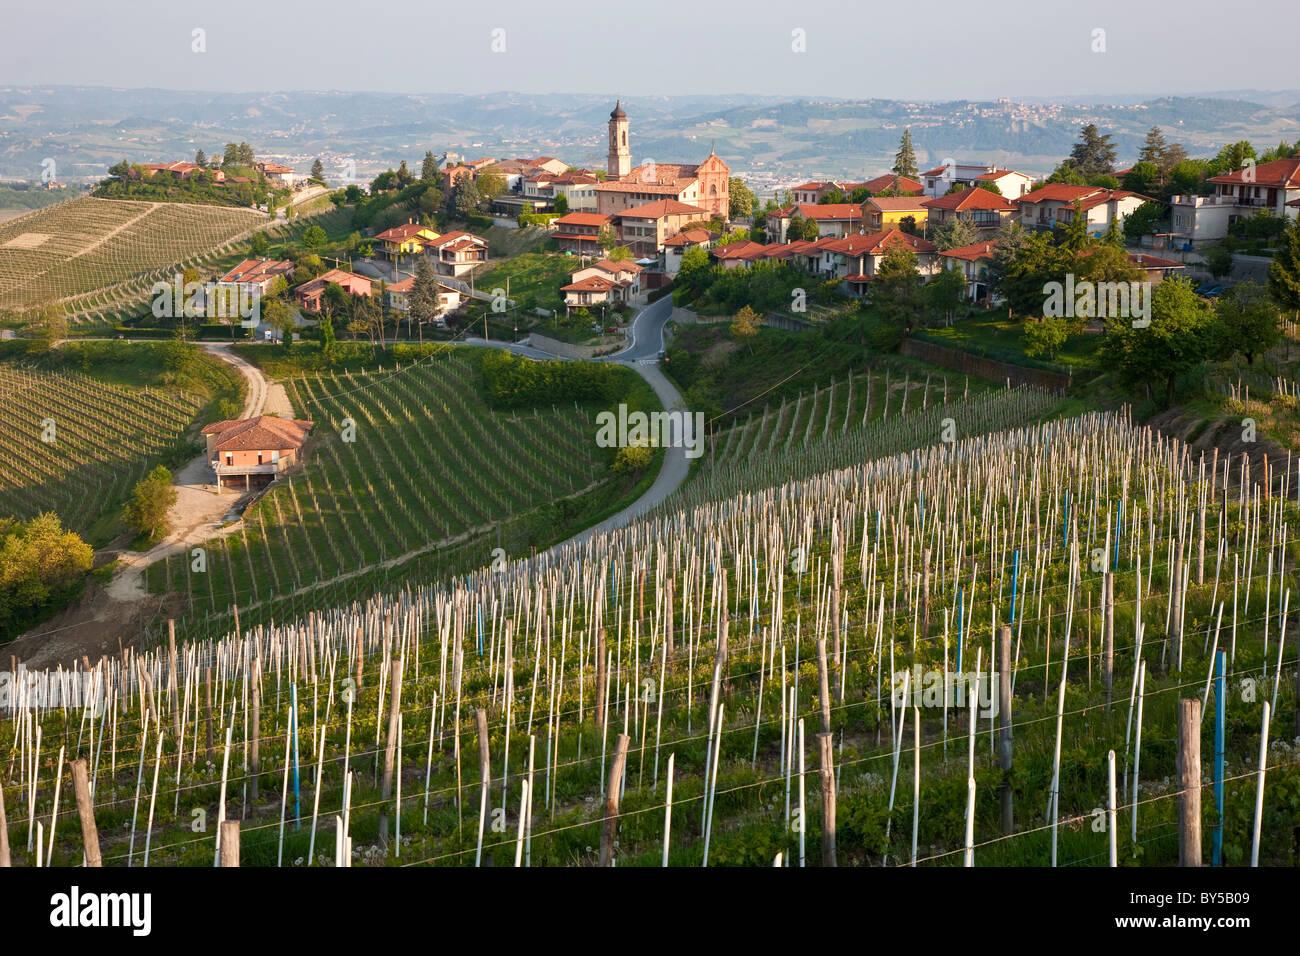 Vineyards, Piedmont, (or Piemonte or Piedmonte), Italy - Stock Image